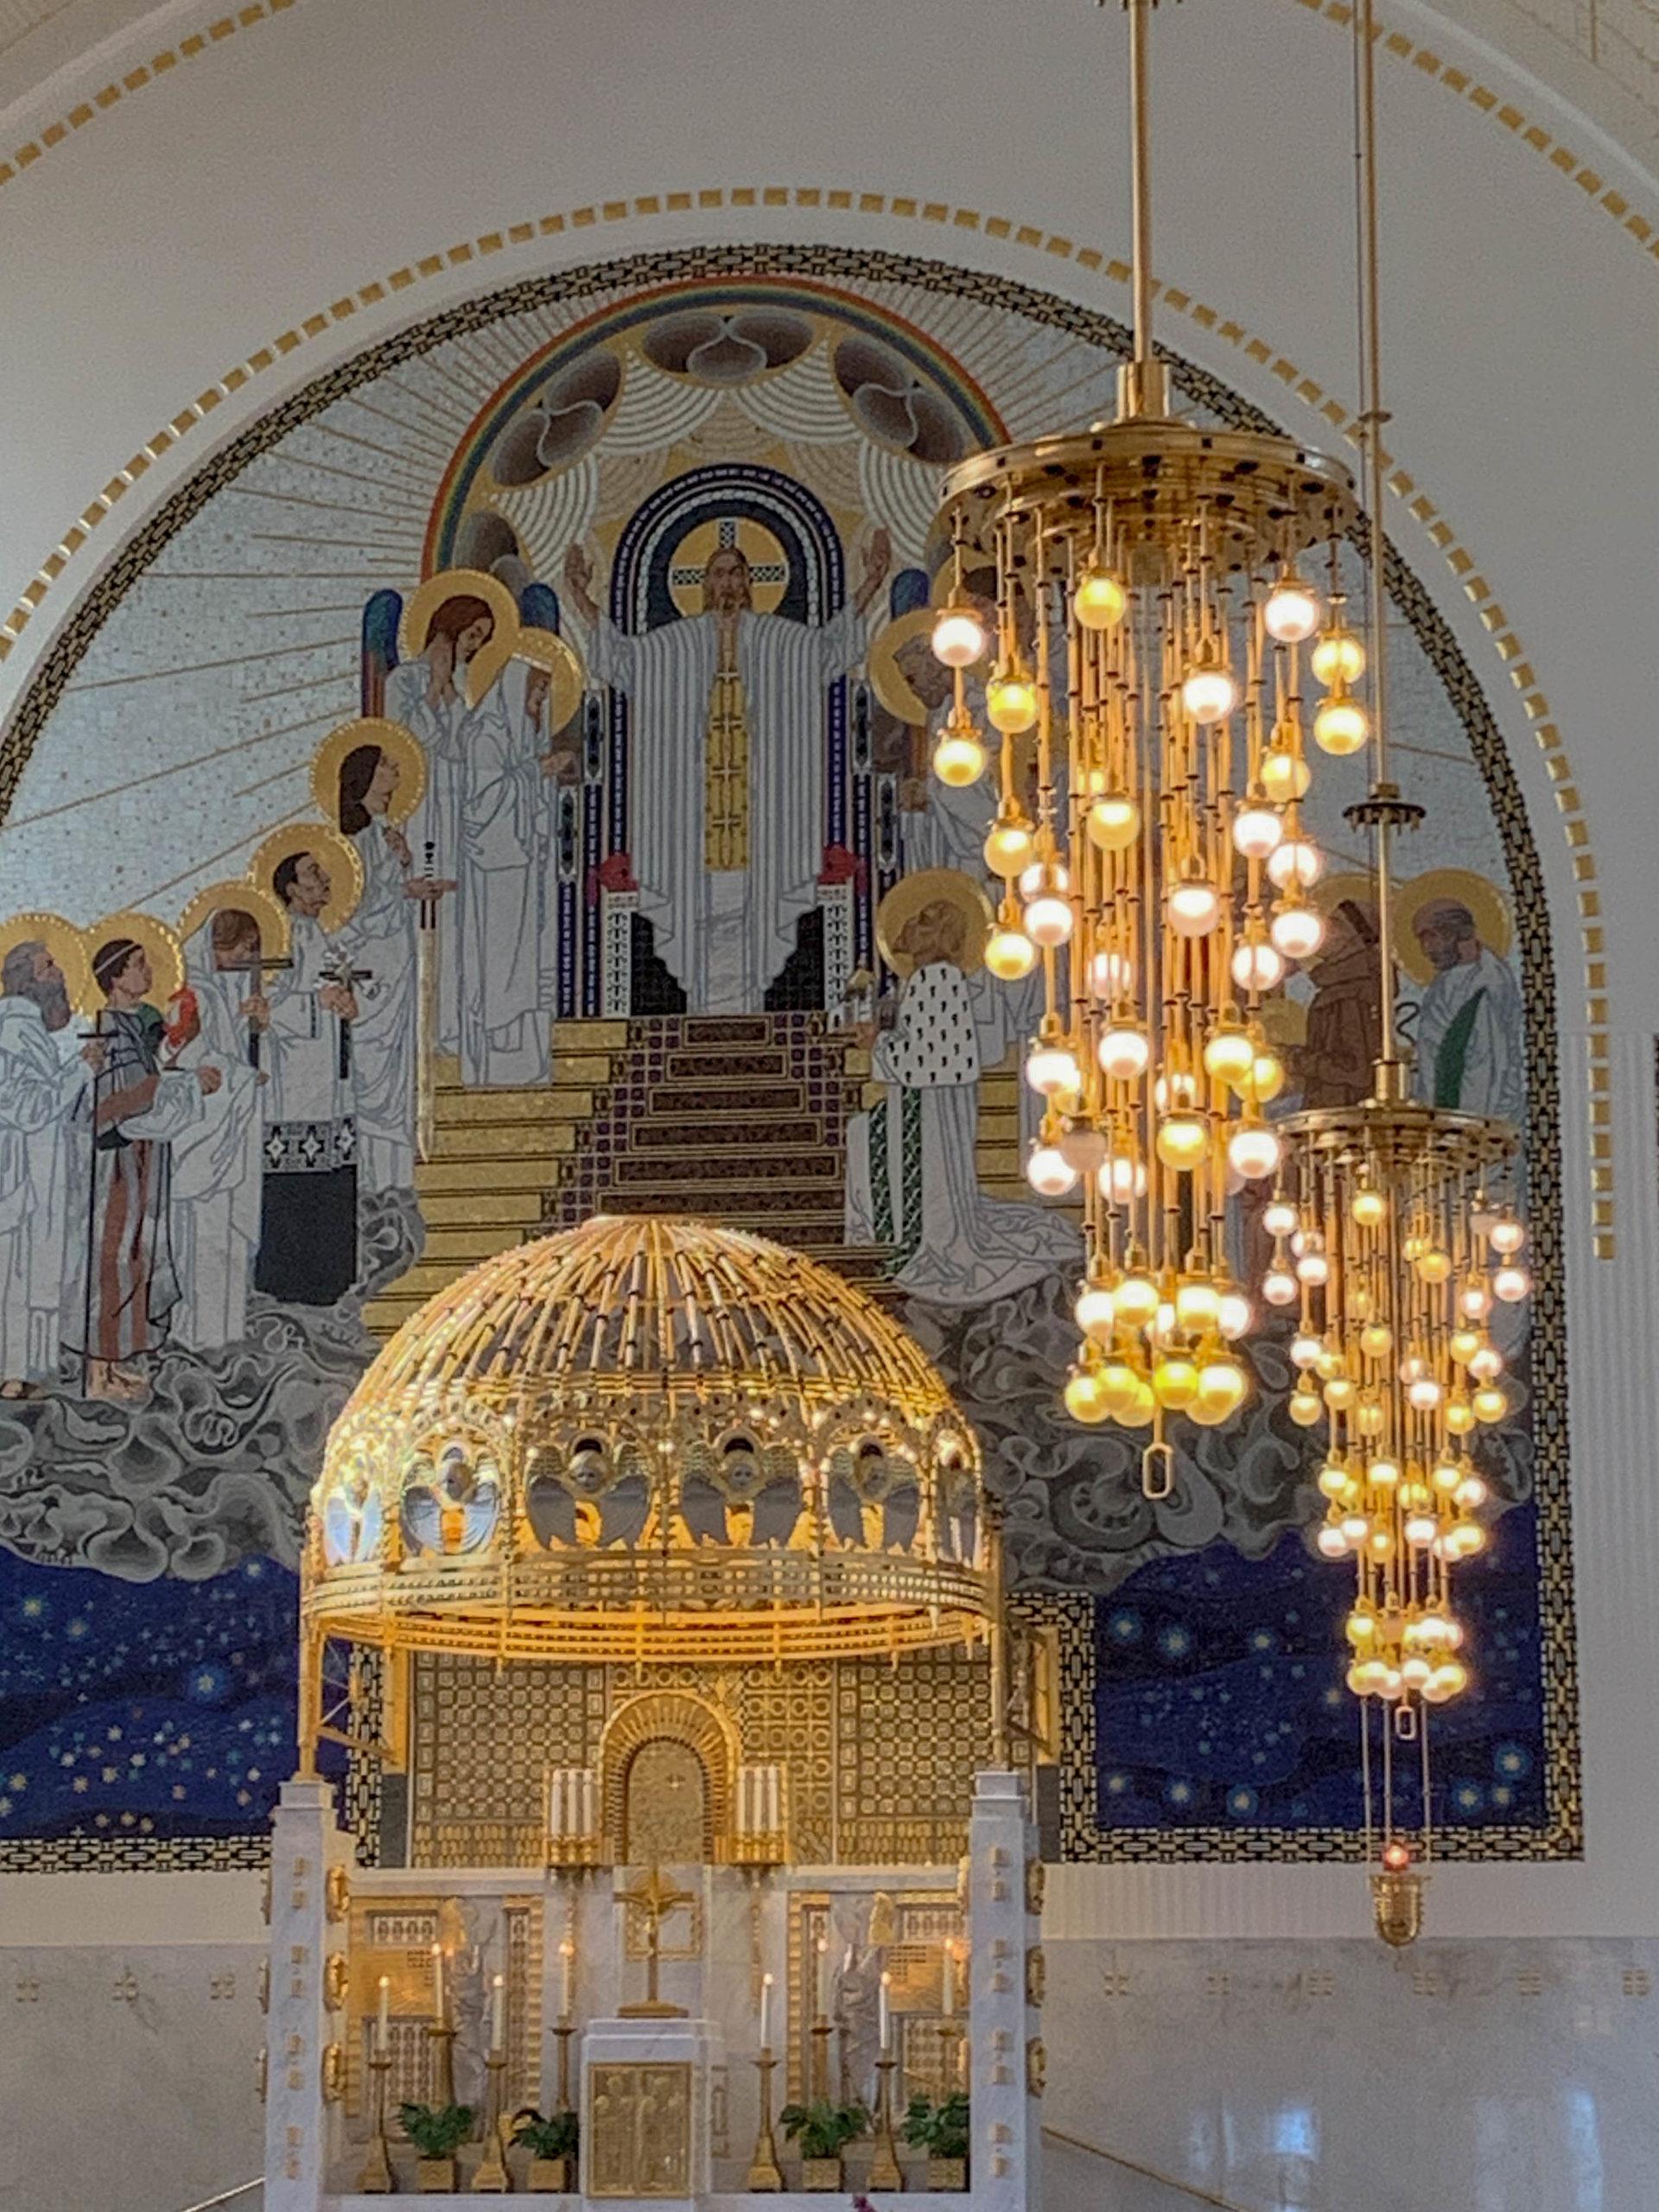 Kirche am Steinhof, 1904-1907. Architect: Otto Wagner